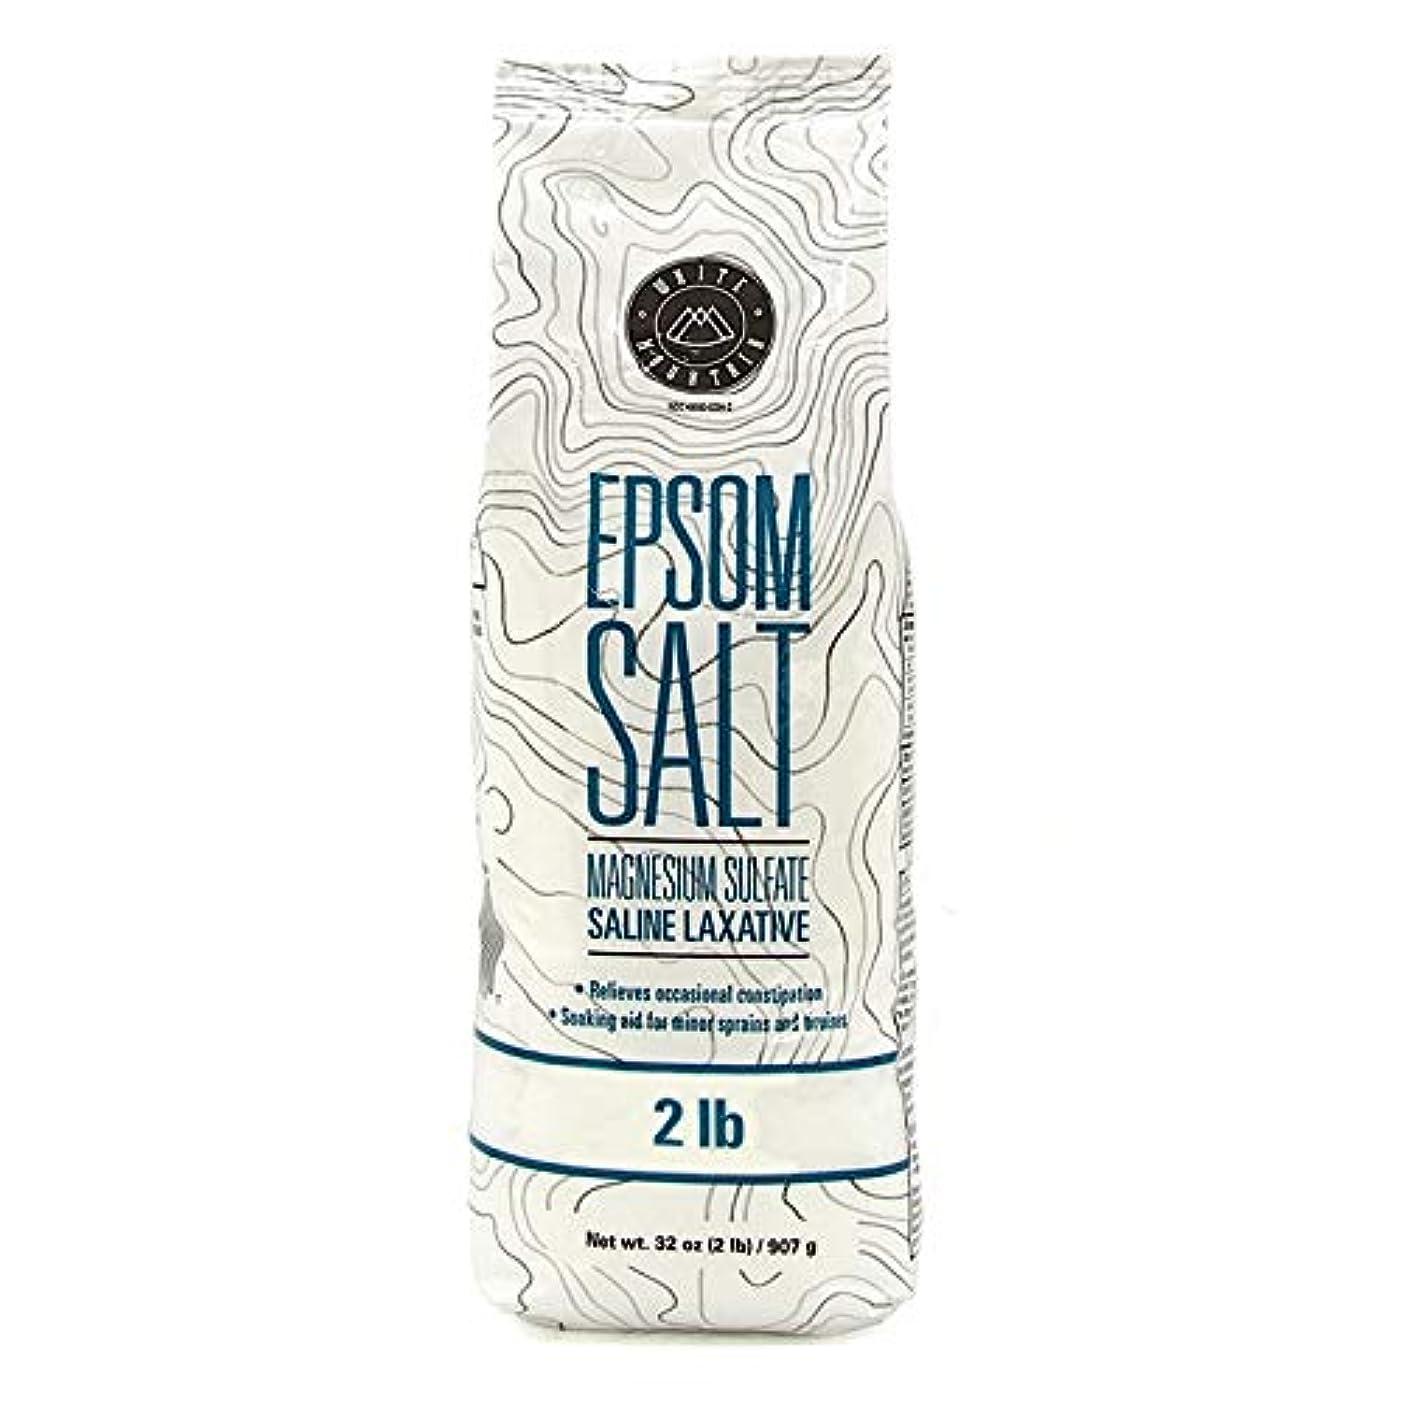 記念日商業の主権者Epsom Salt エプソムソルト / 100% Natural Mineral / エプソム塩 / マグネシウム入浴剤 / 無色?無臭